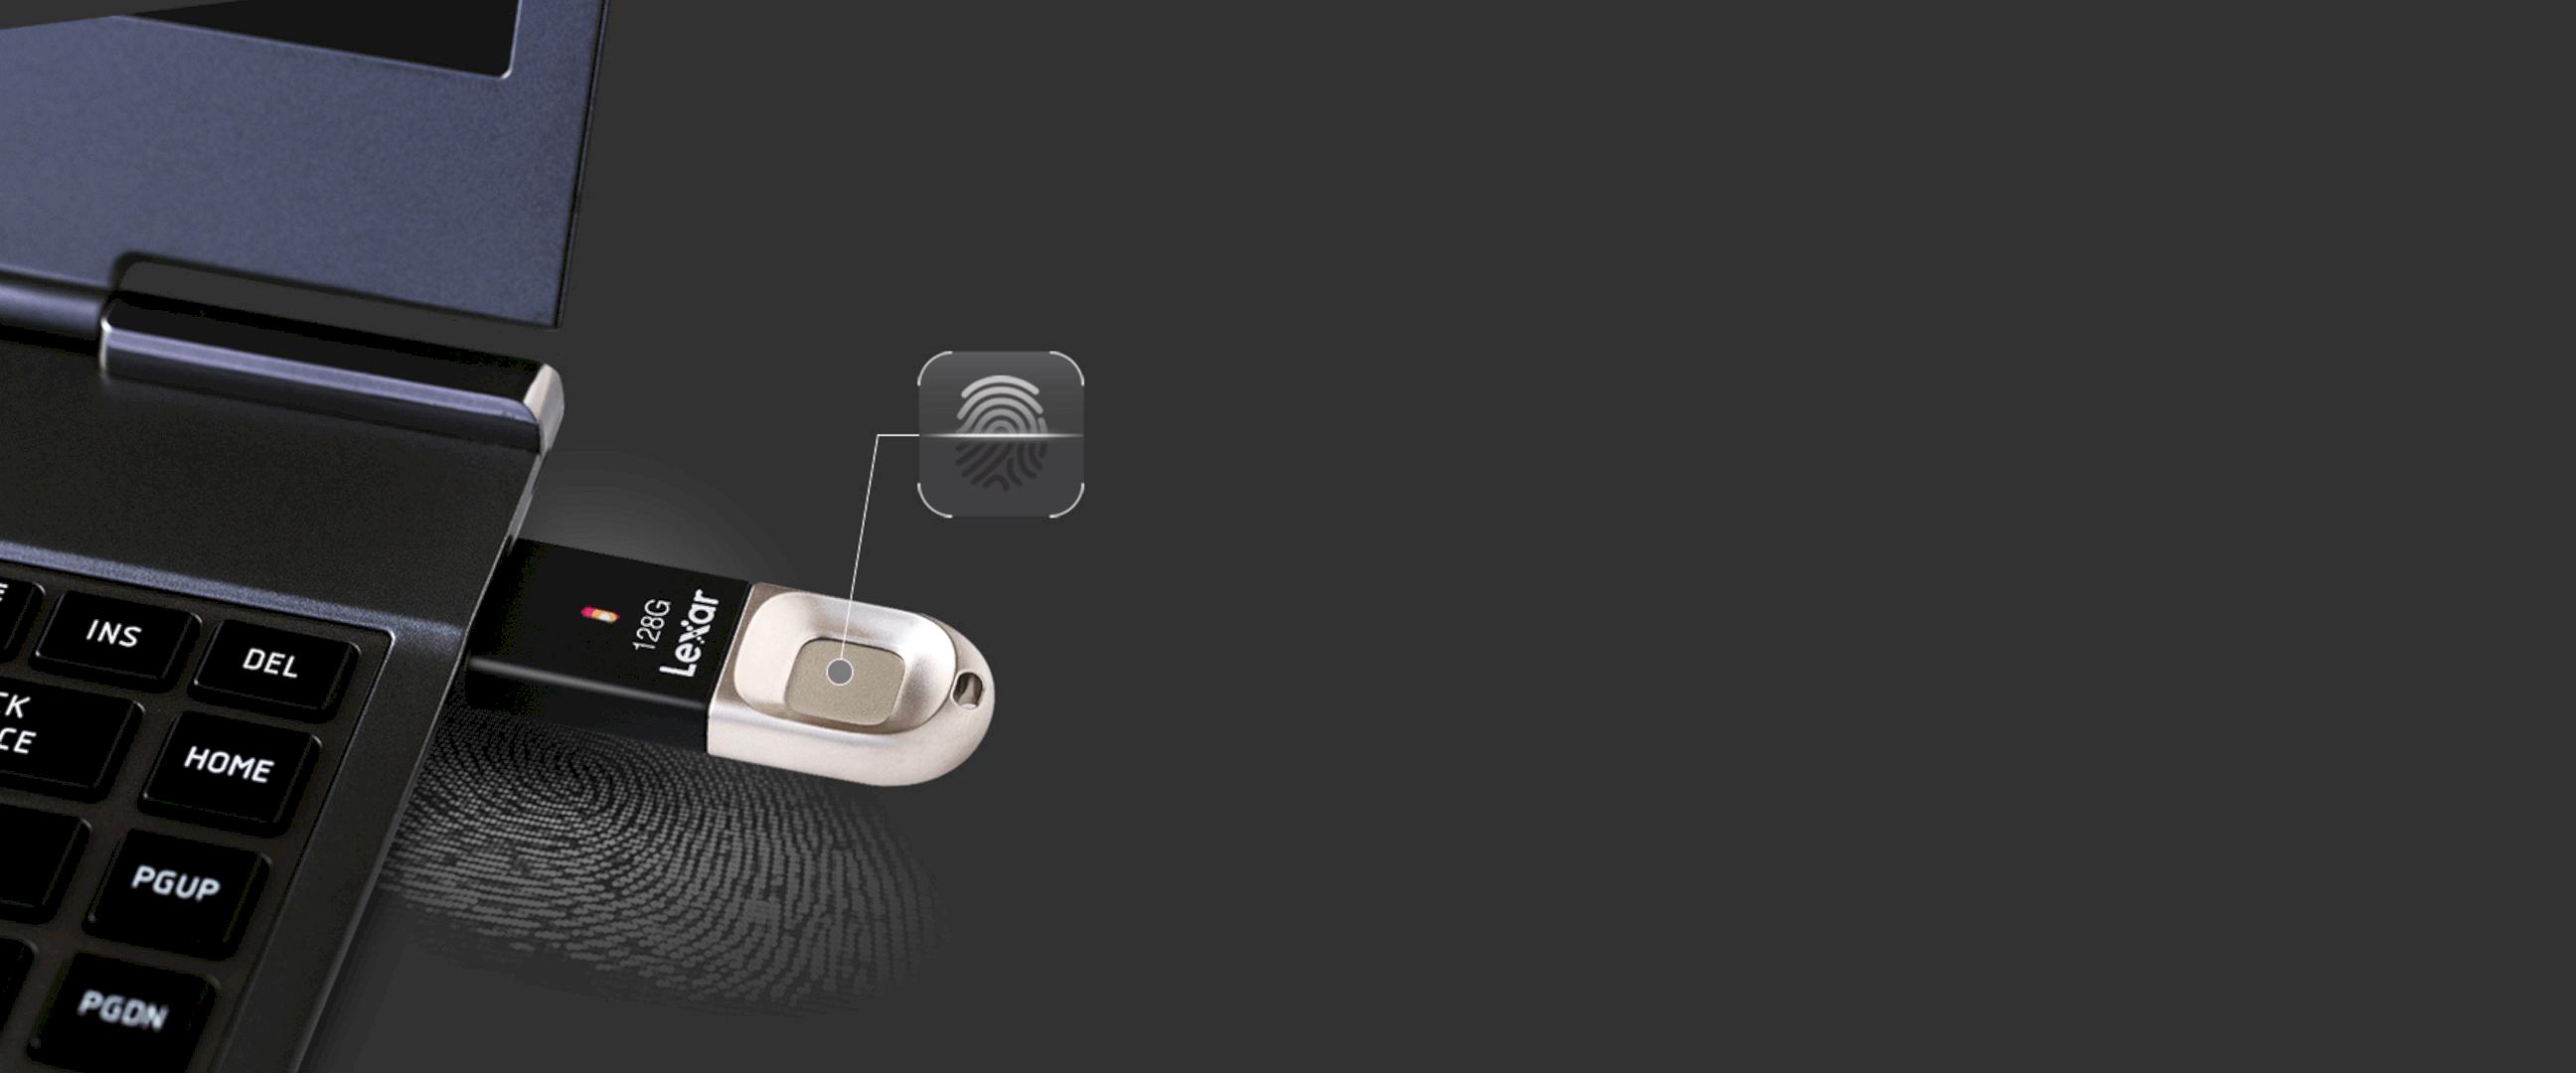 Lexar Jumpdrive Fingerprint F35 Flash Drive 4